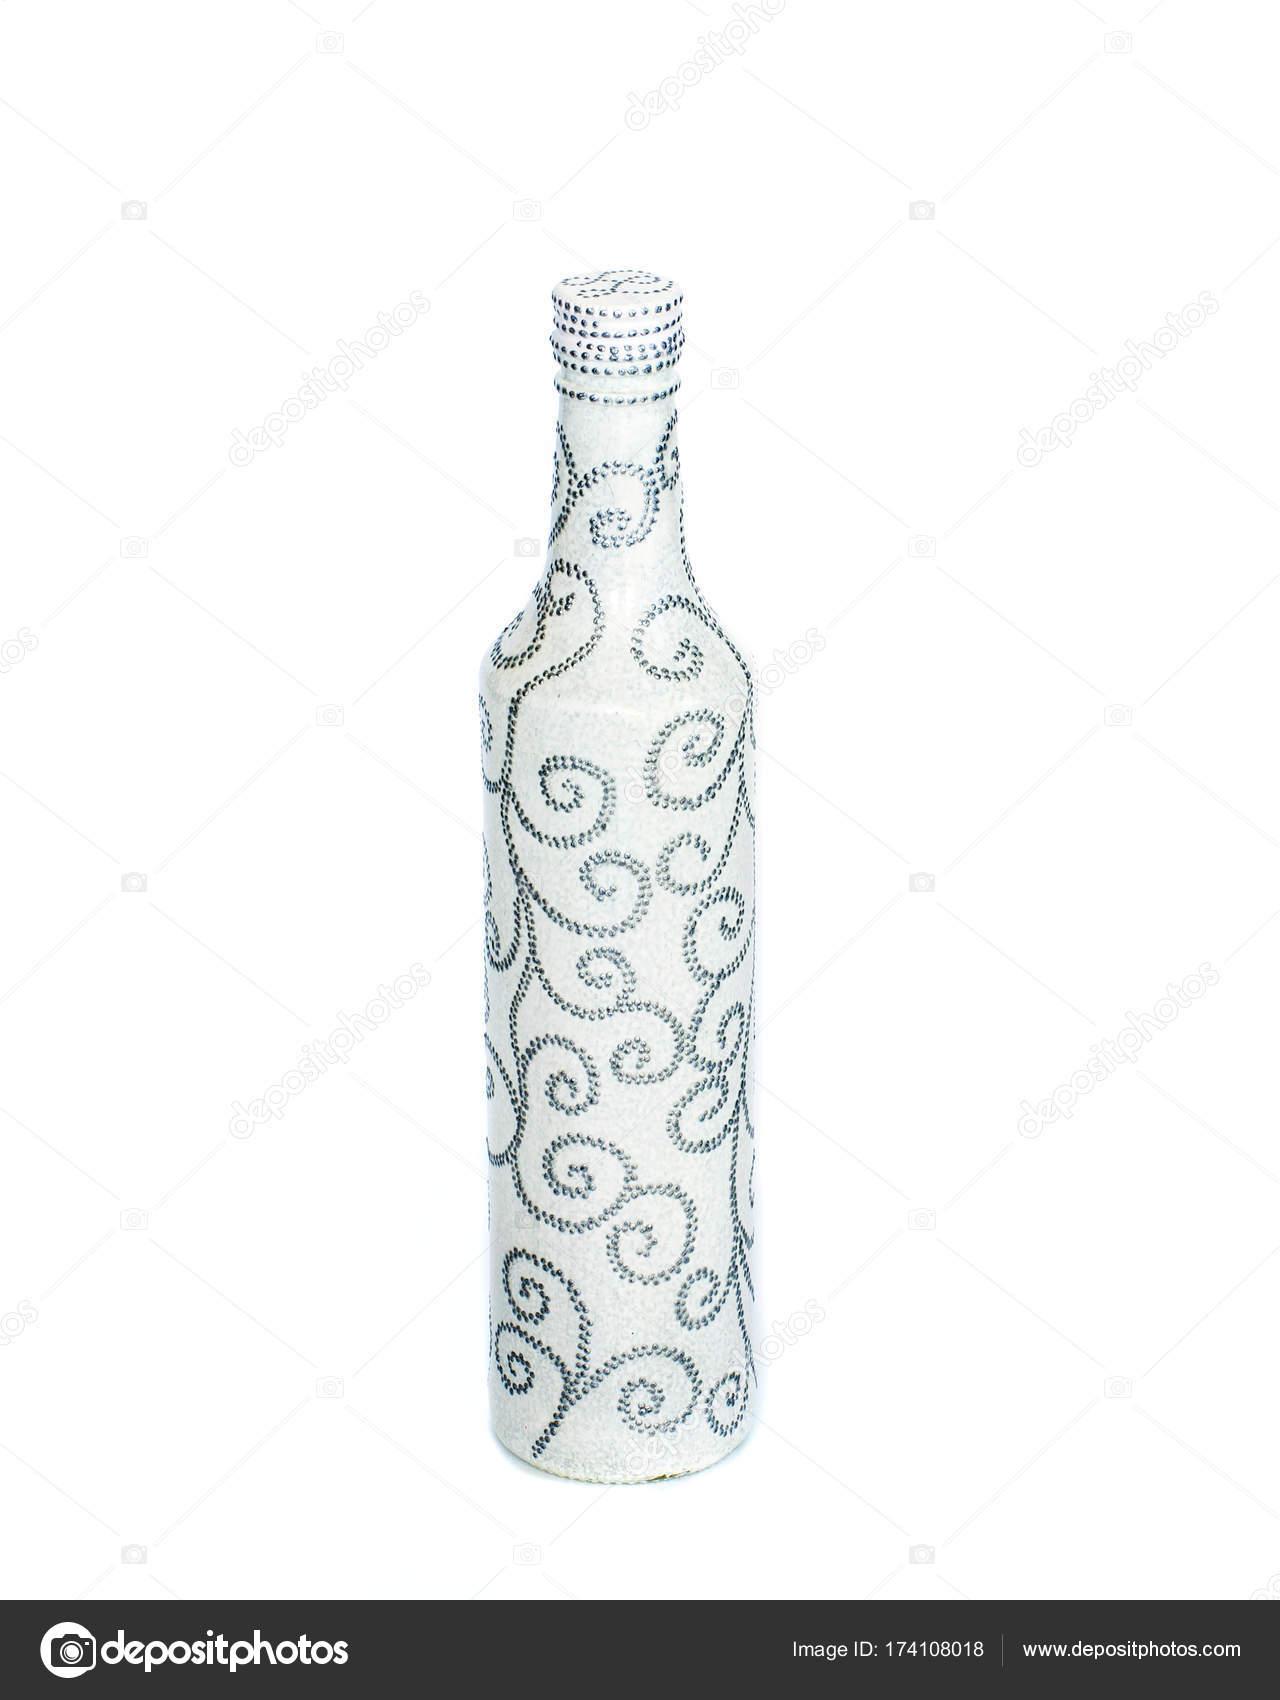 Nokta Boya şişe Boya Ile Boyanmış çok Güzel Dekor Izole Stok